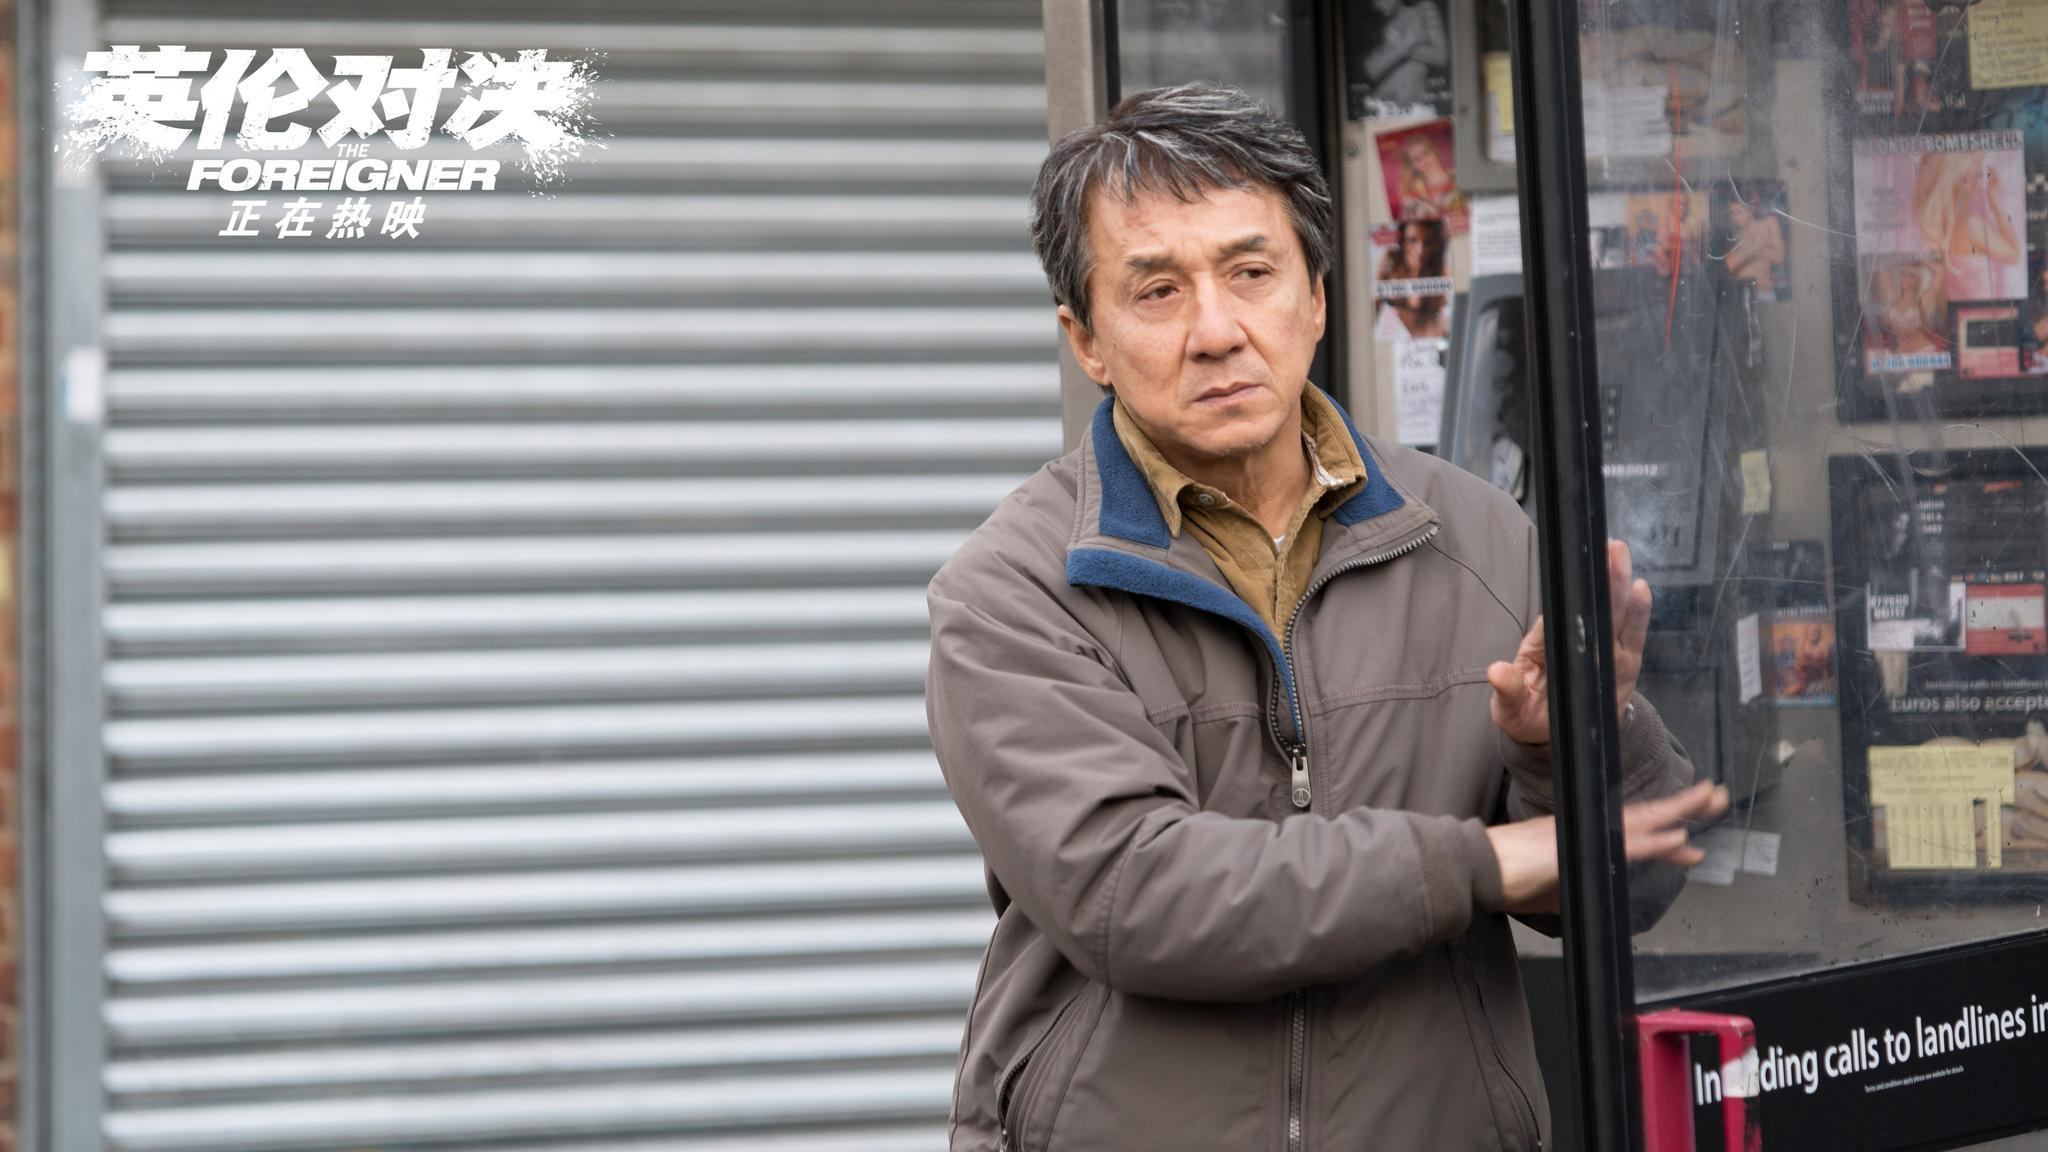 《英伦对决》导演新片合作巩俐 饰演冷血女杀手